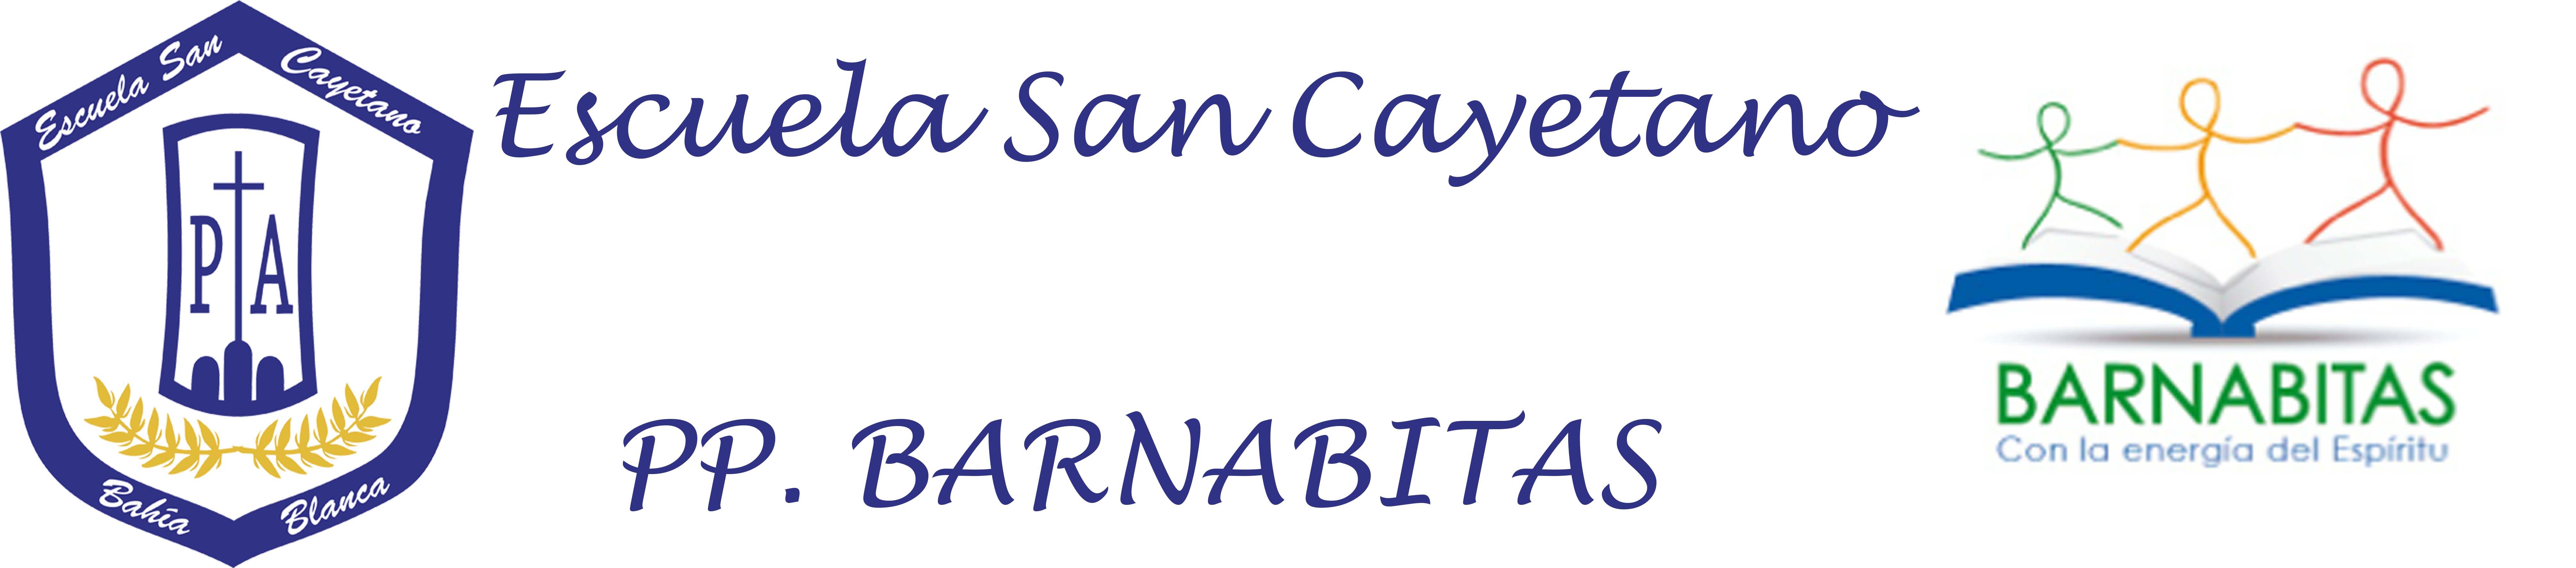 Escuela San Cayetano